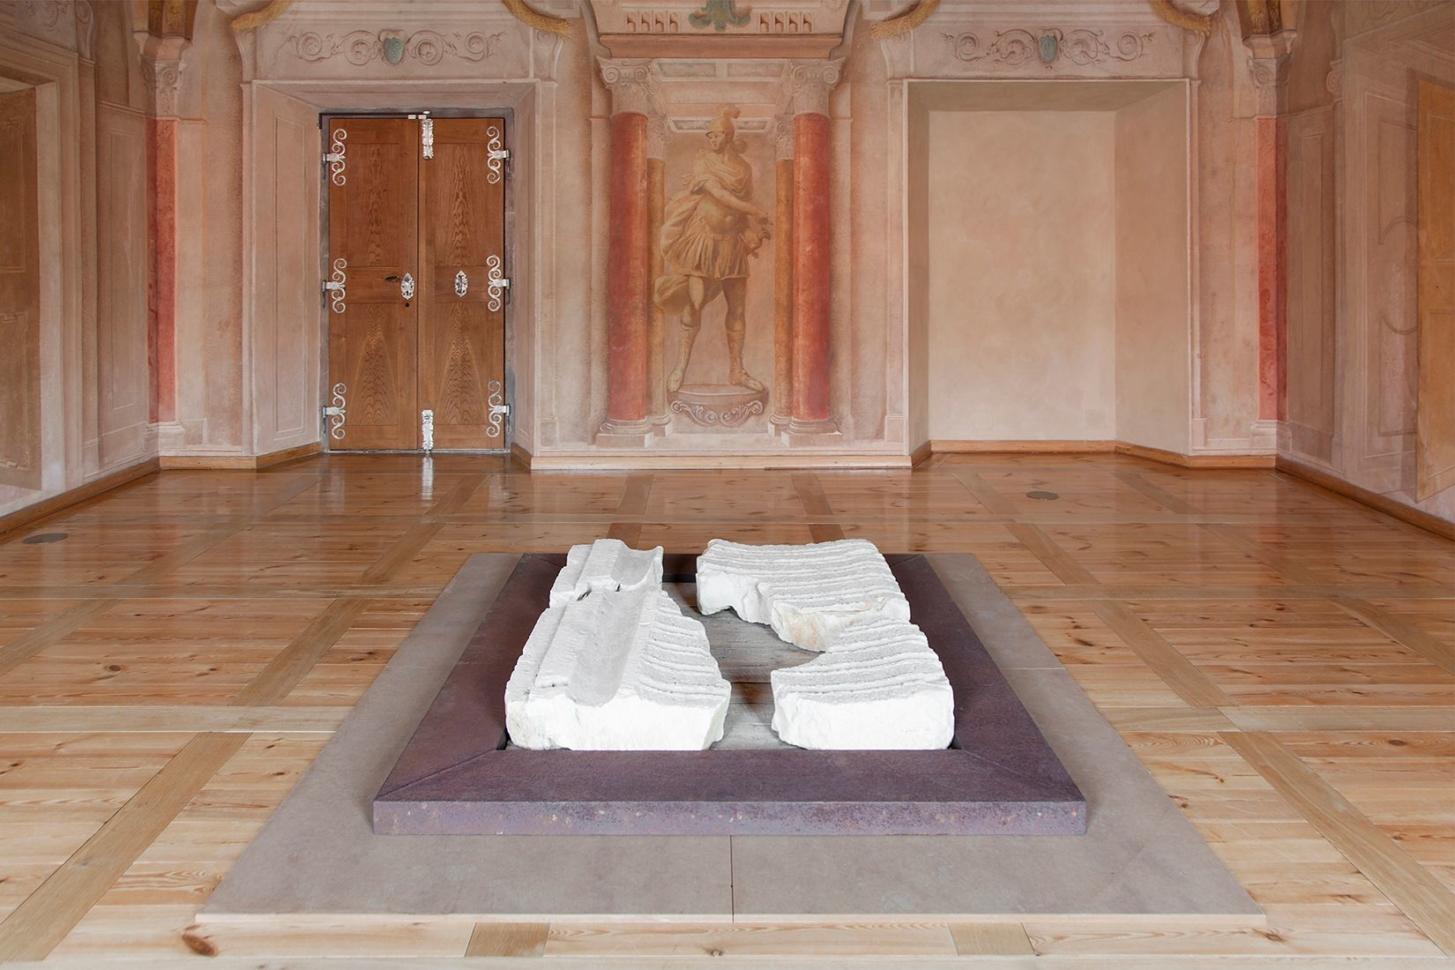 view to the exhibition Aleš Hnízdil, Jiří Kačer – Sculptures and Objects, Troja Château, 2019. Photo by Barbora Fastrová